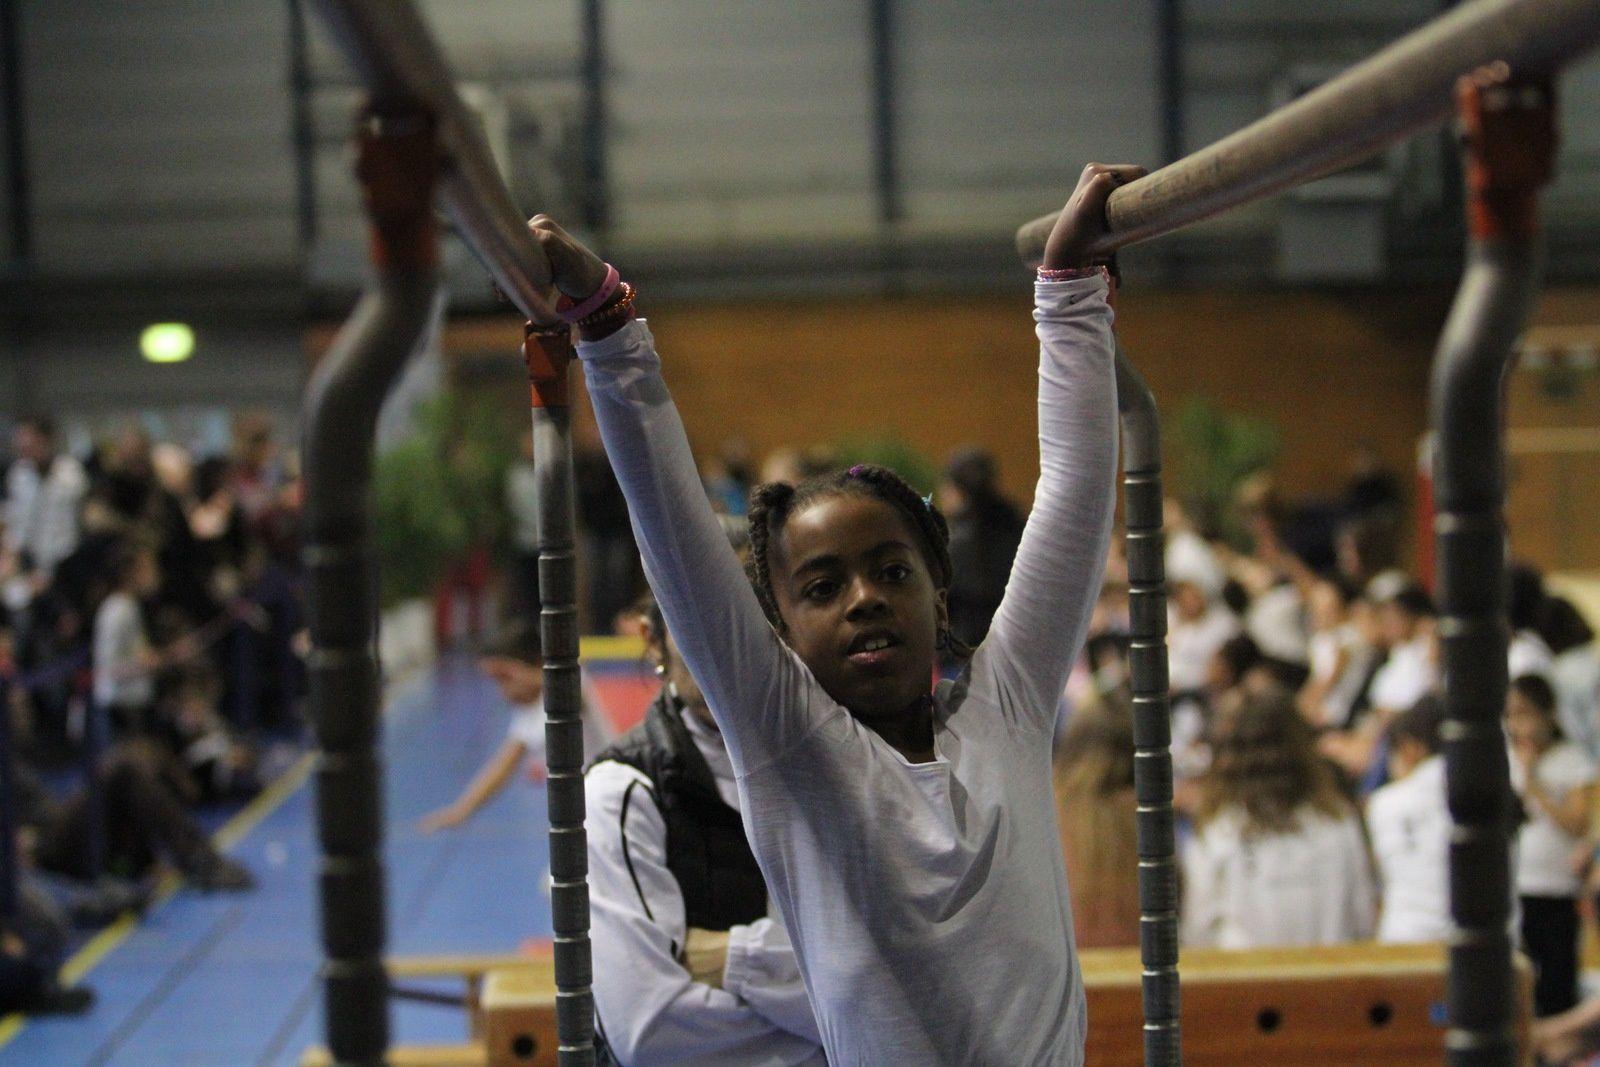 Des apprentis gymnastes performants